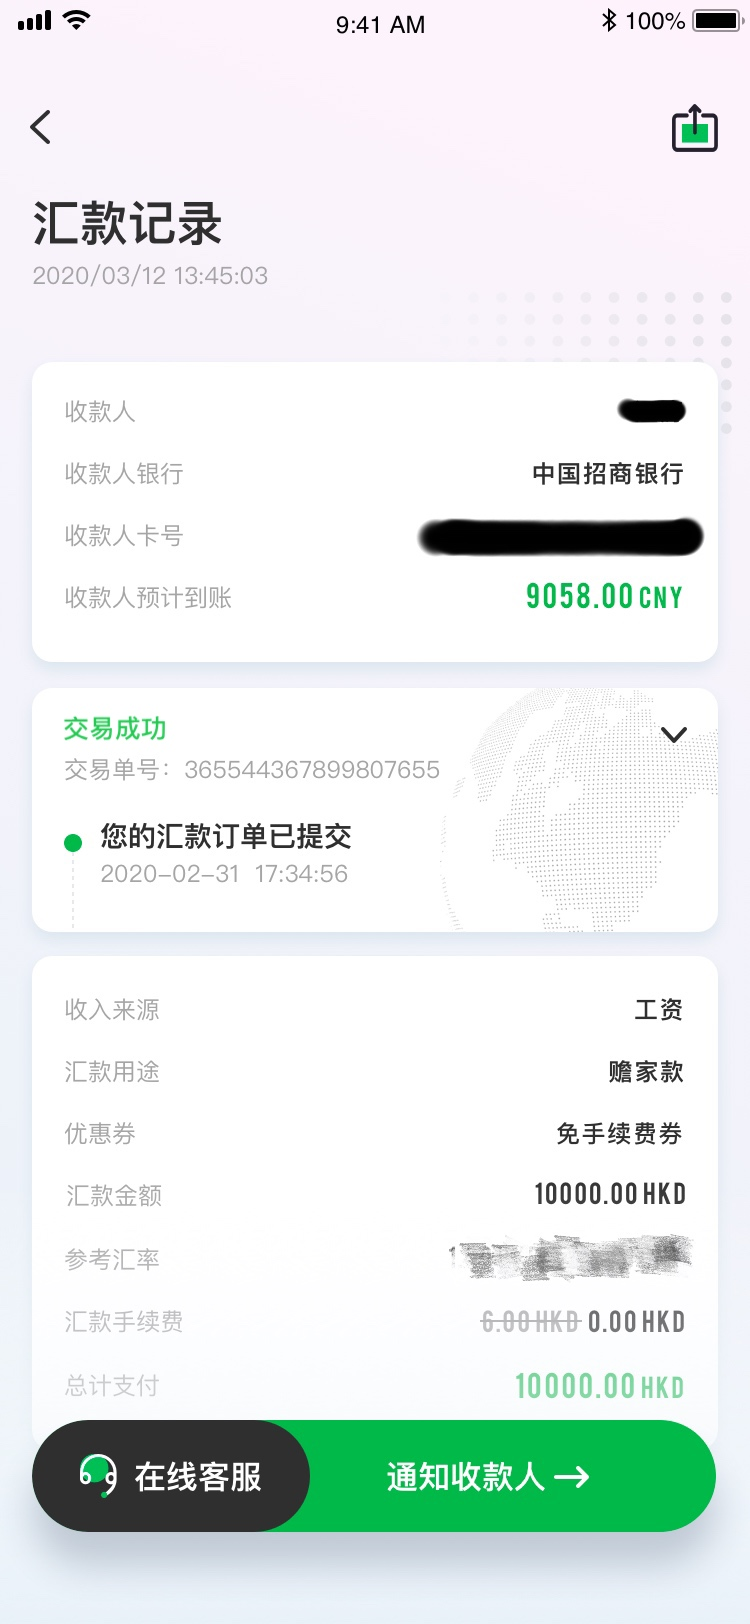 【香港匯款大陸】香港九龍:文化大熔爐—熊貓速匯匯款成功憑證| 熊貓速匯Pandaremit